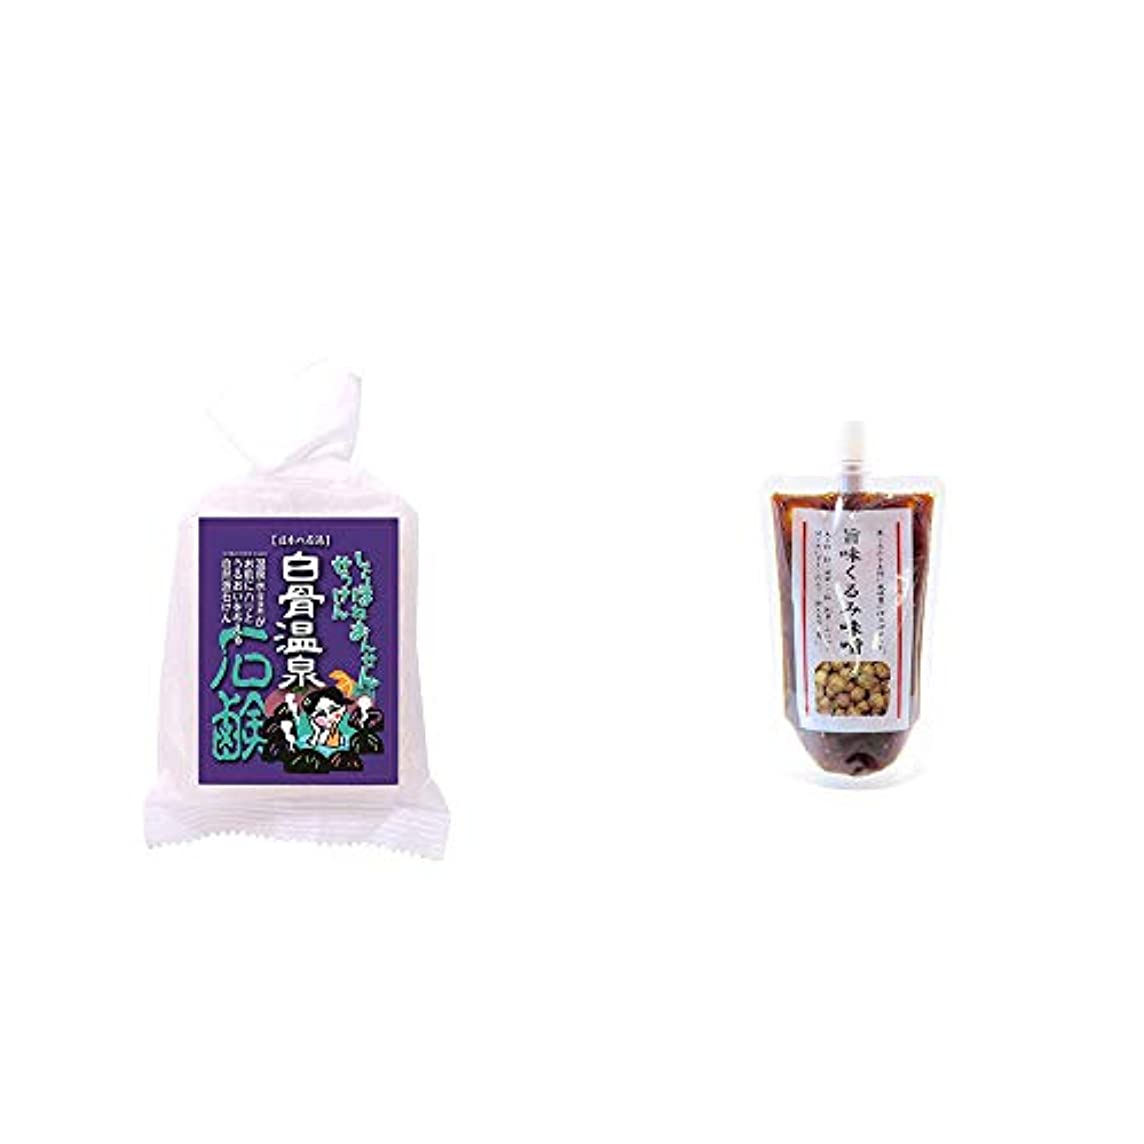 バンクペチコート八[2点セット] 信州 白骨温泉石鹸(80g)?旨味くるみ味噌(260g)